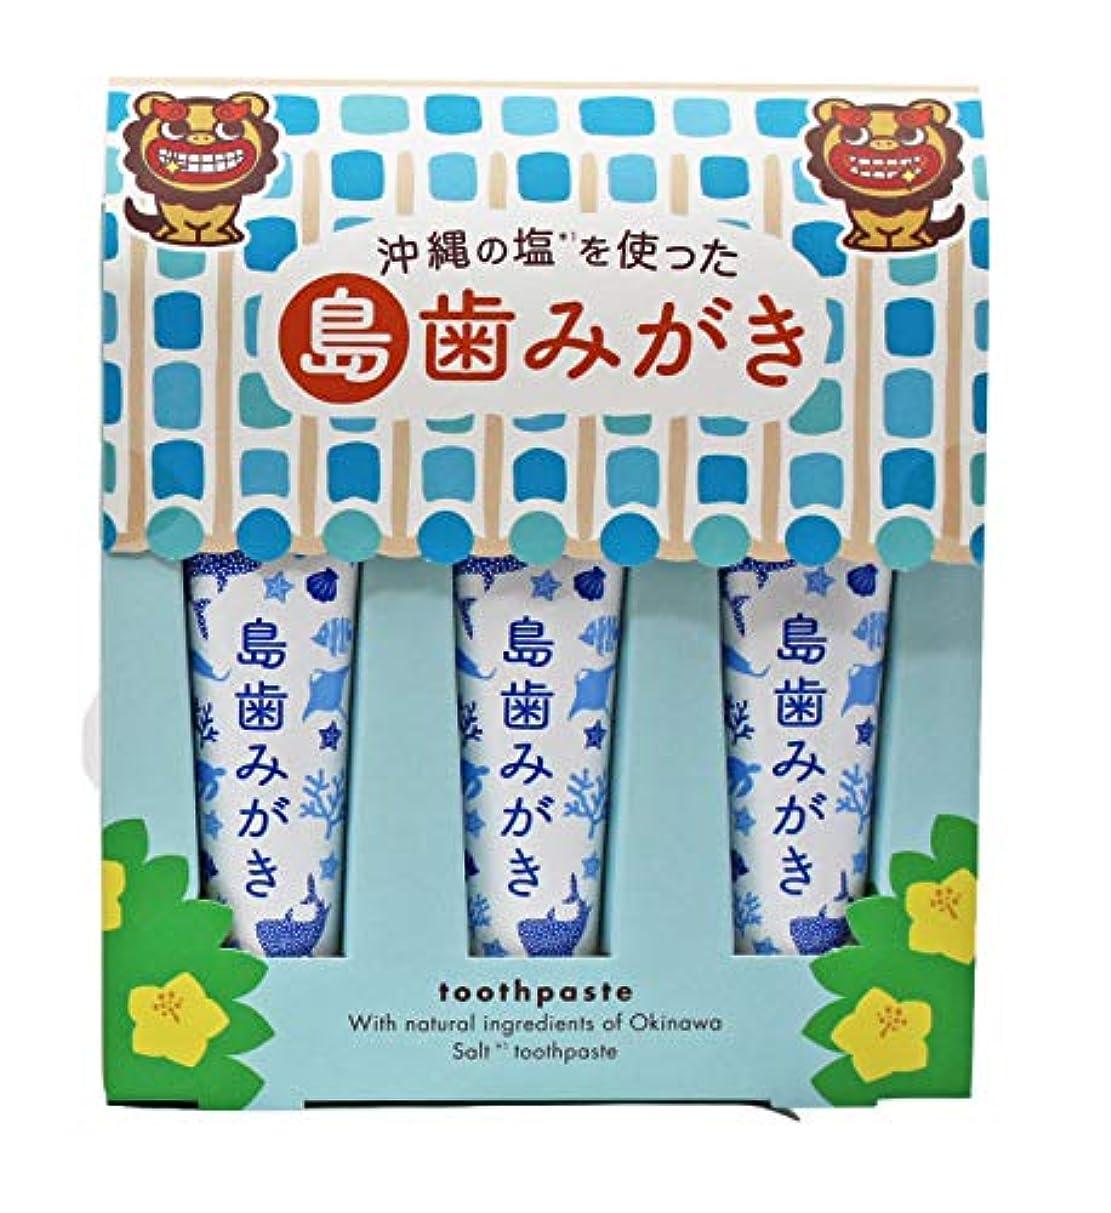 ご予約やめる翻訳沖縄の塩を使った島歯みがき (藍色) 15g×3本入り